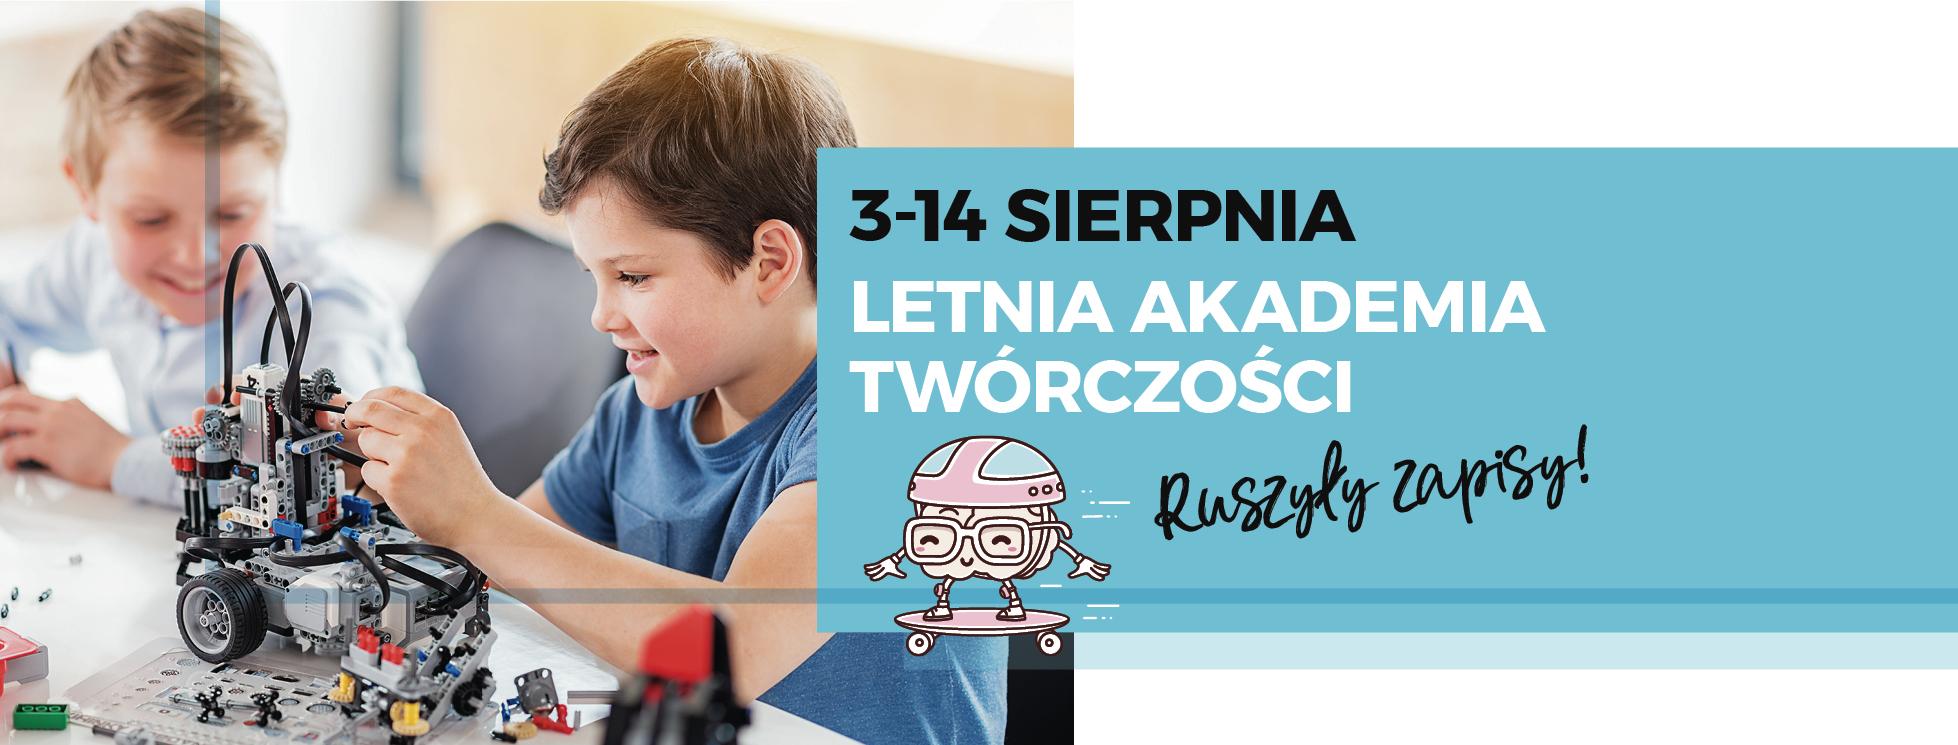 warsztaty dla dzieci w Forum Gliwice